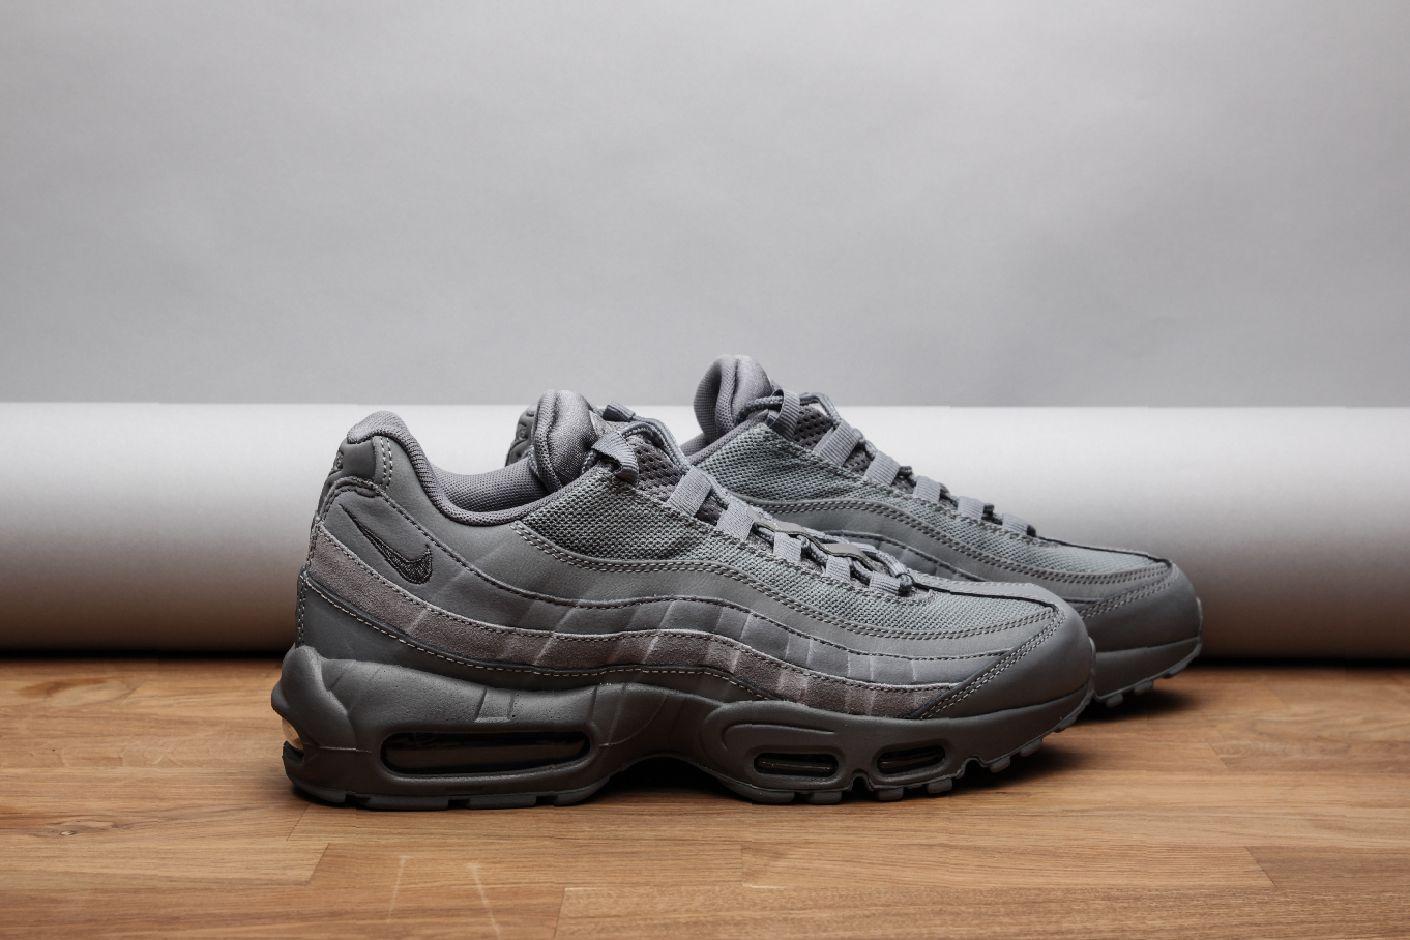 ... Купить мужские серые кроссовки Nike Air Max 95 Essential - фото 2  картинки ... 6a820cfd72